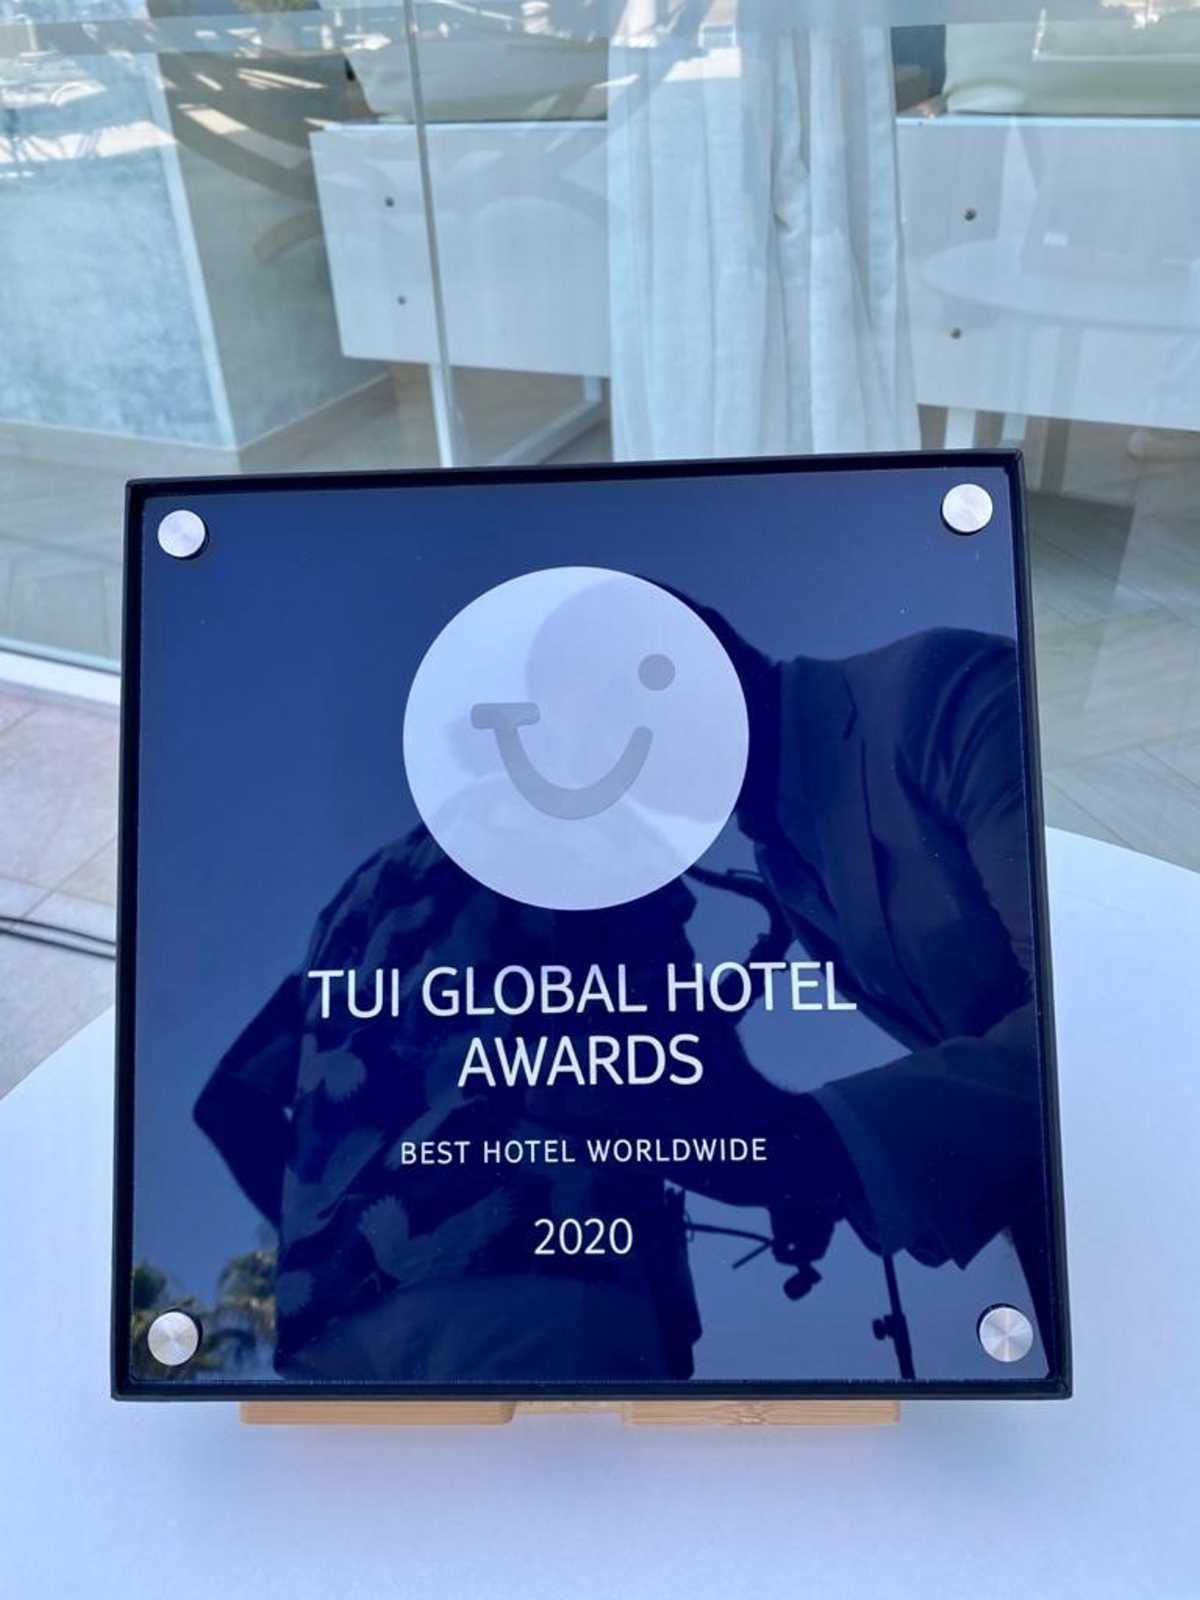 Το Louis Infinity Blu παρέλαβε το βραβείο του καλύτερου ξενοδοχείου στον κόσμο!